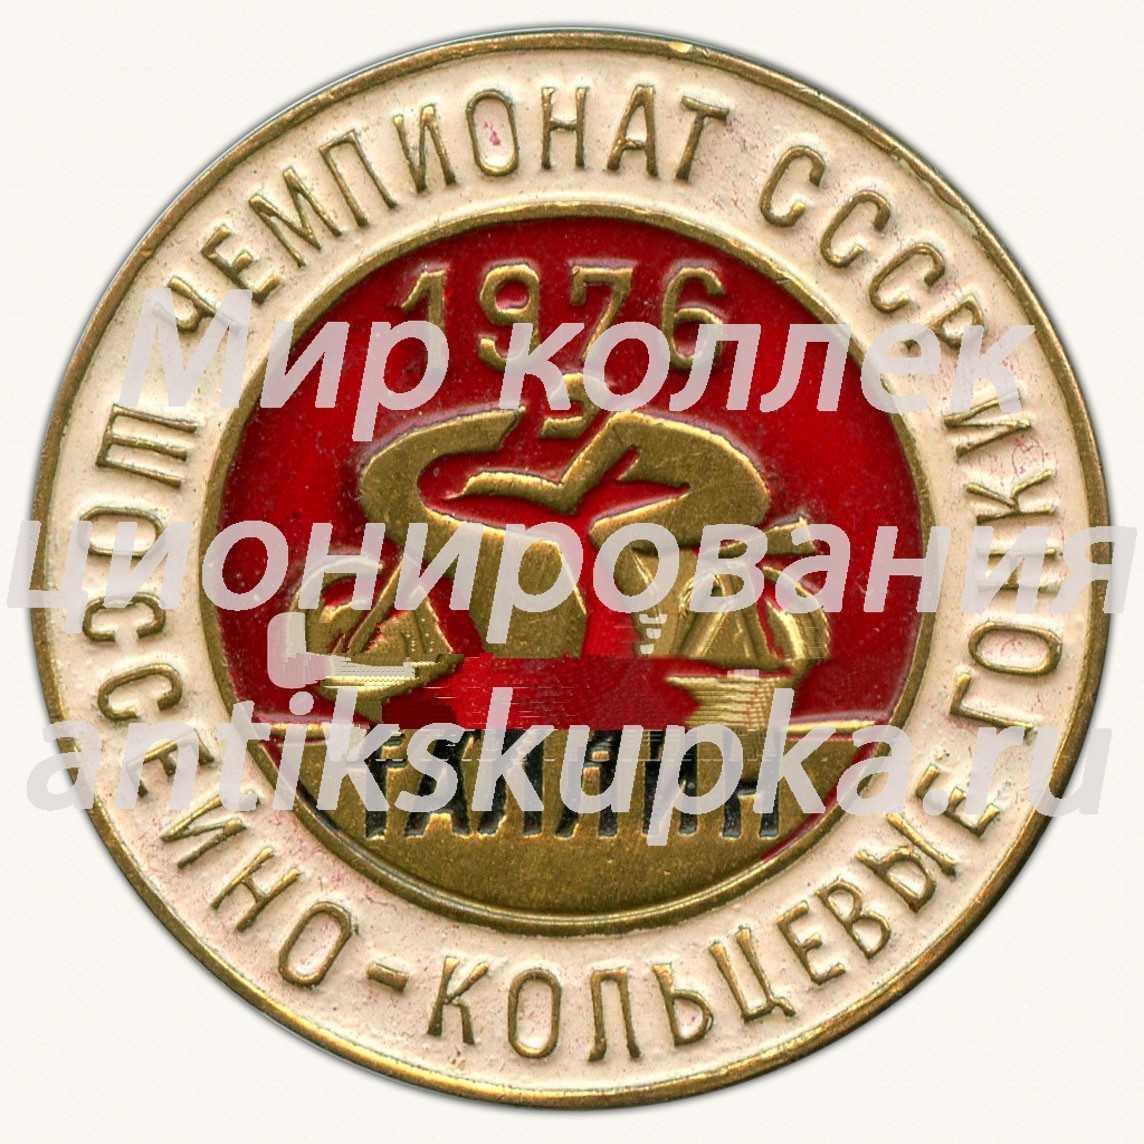 Знак «Чемпионат СССР. Шоссейно-кольцевые гонки. Таллин. 1976»